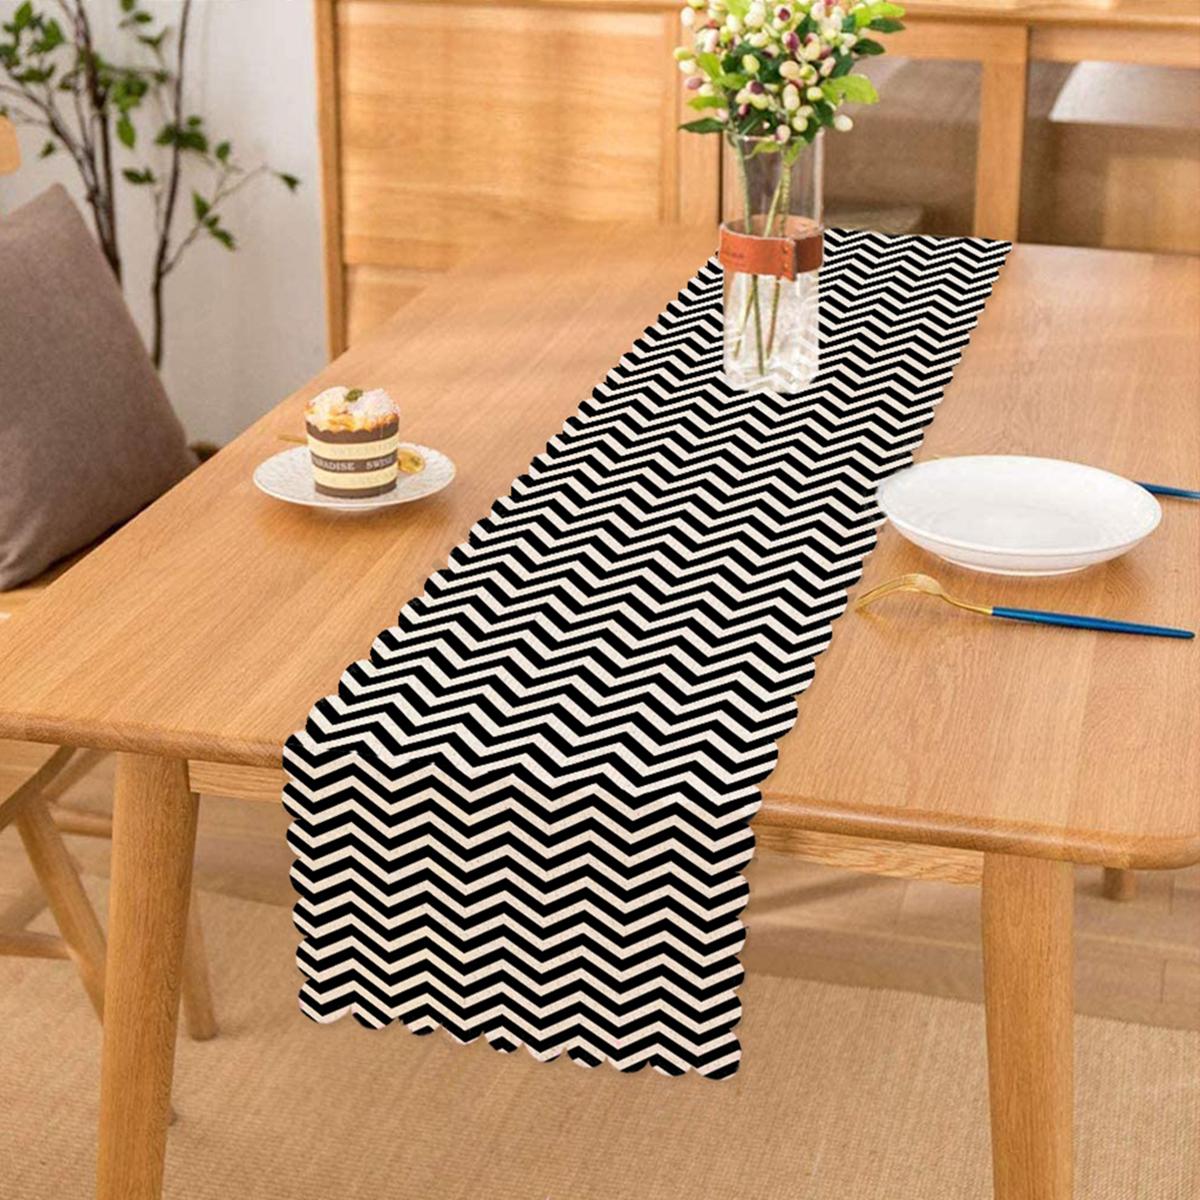 Siyah Beyaz Zigzag Desenli Dijital Baskılı Runner Realhomes